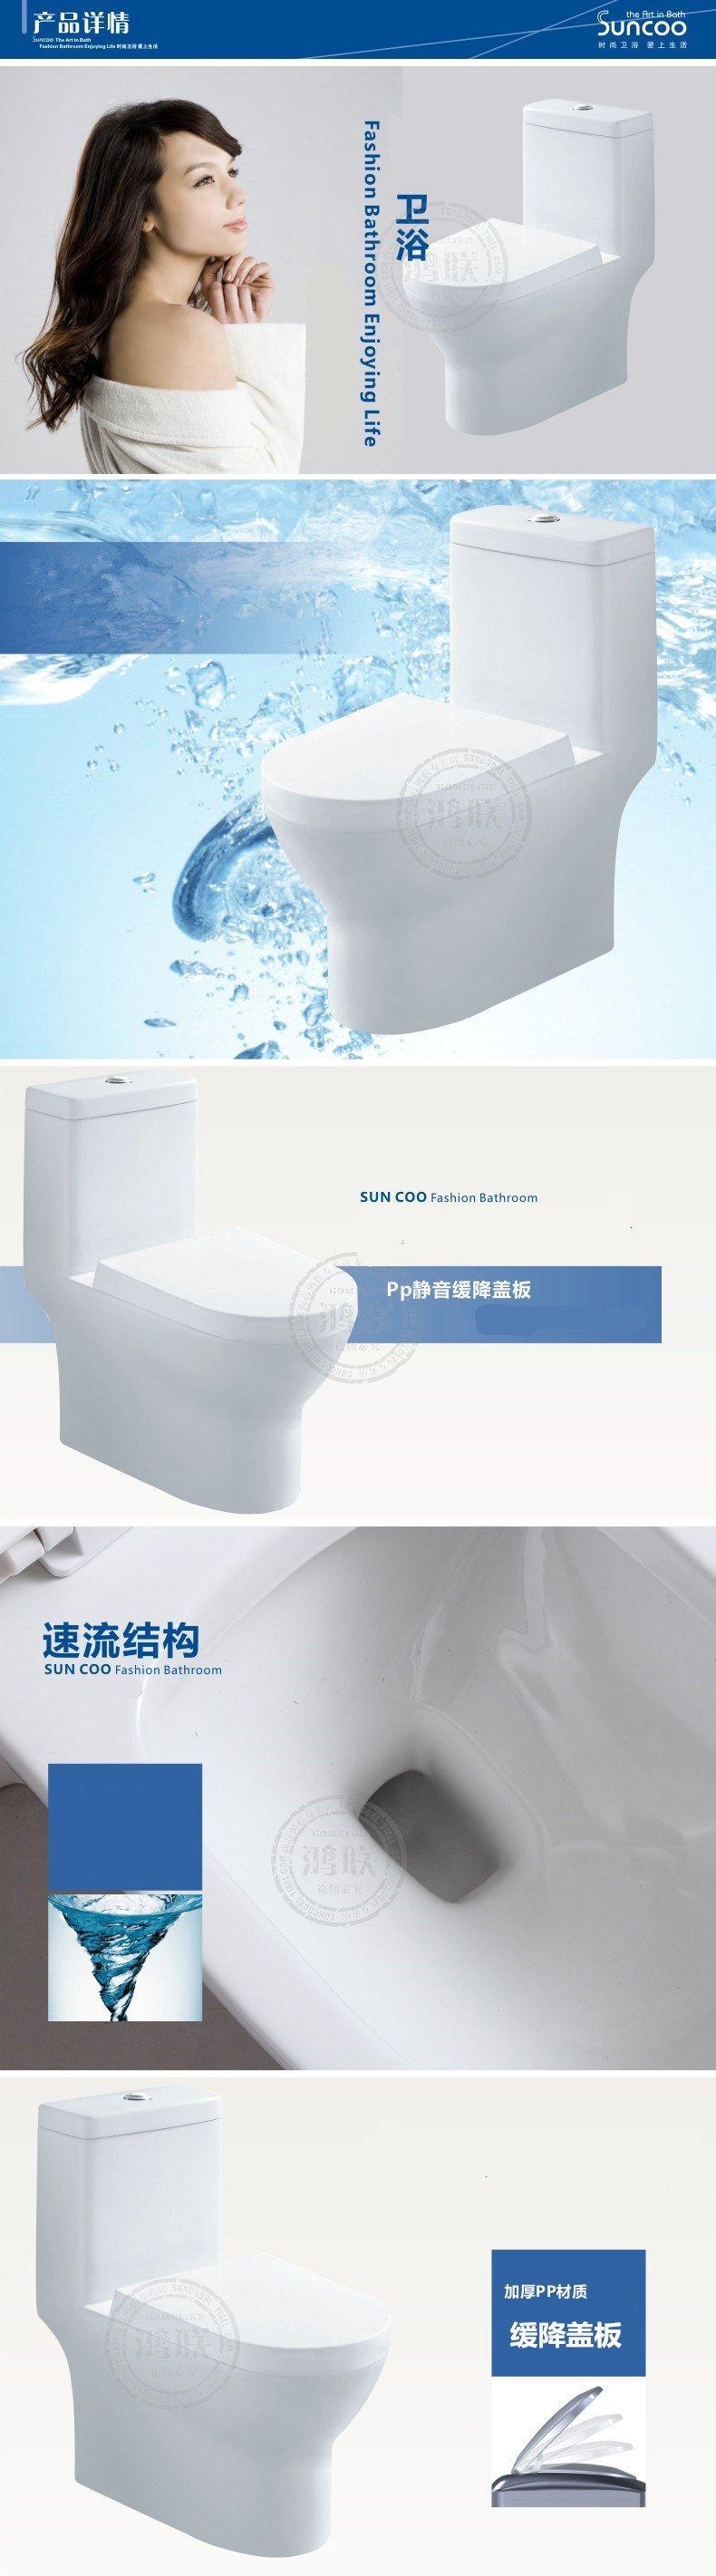 尚高卫浴 喷射虹吸抽水防臭马桶 静音双档节水坐便器  SOL842效果图